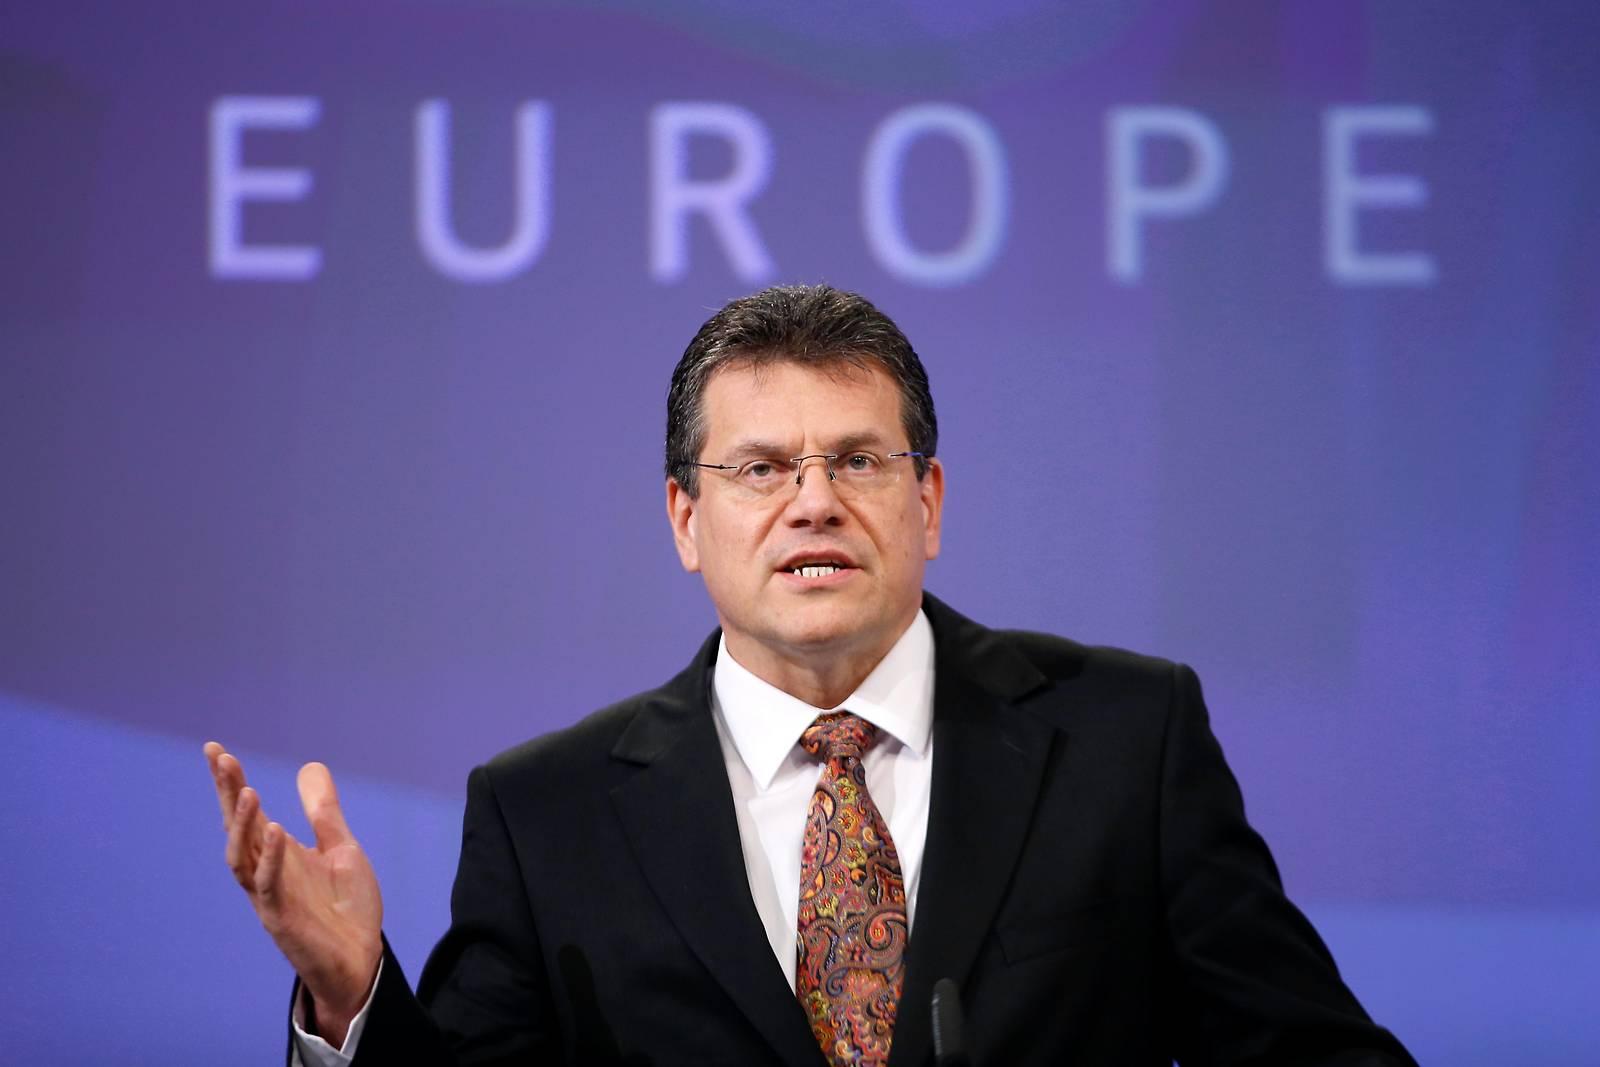 Sefcovic will neuer Kommissionspräsident werden